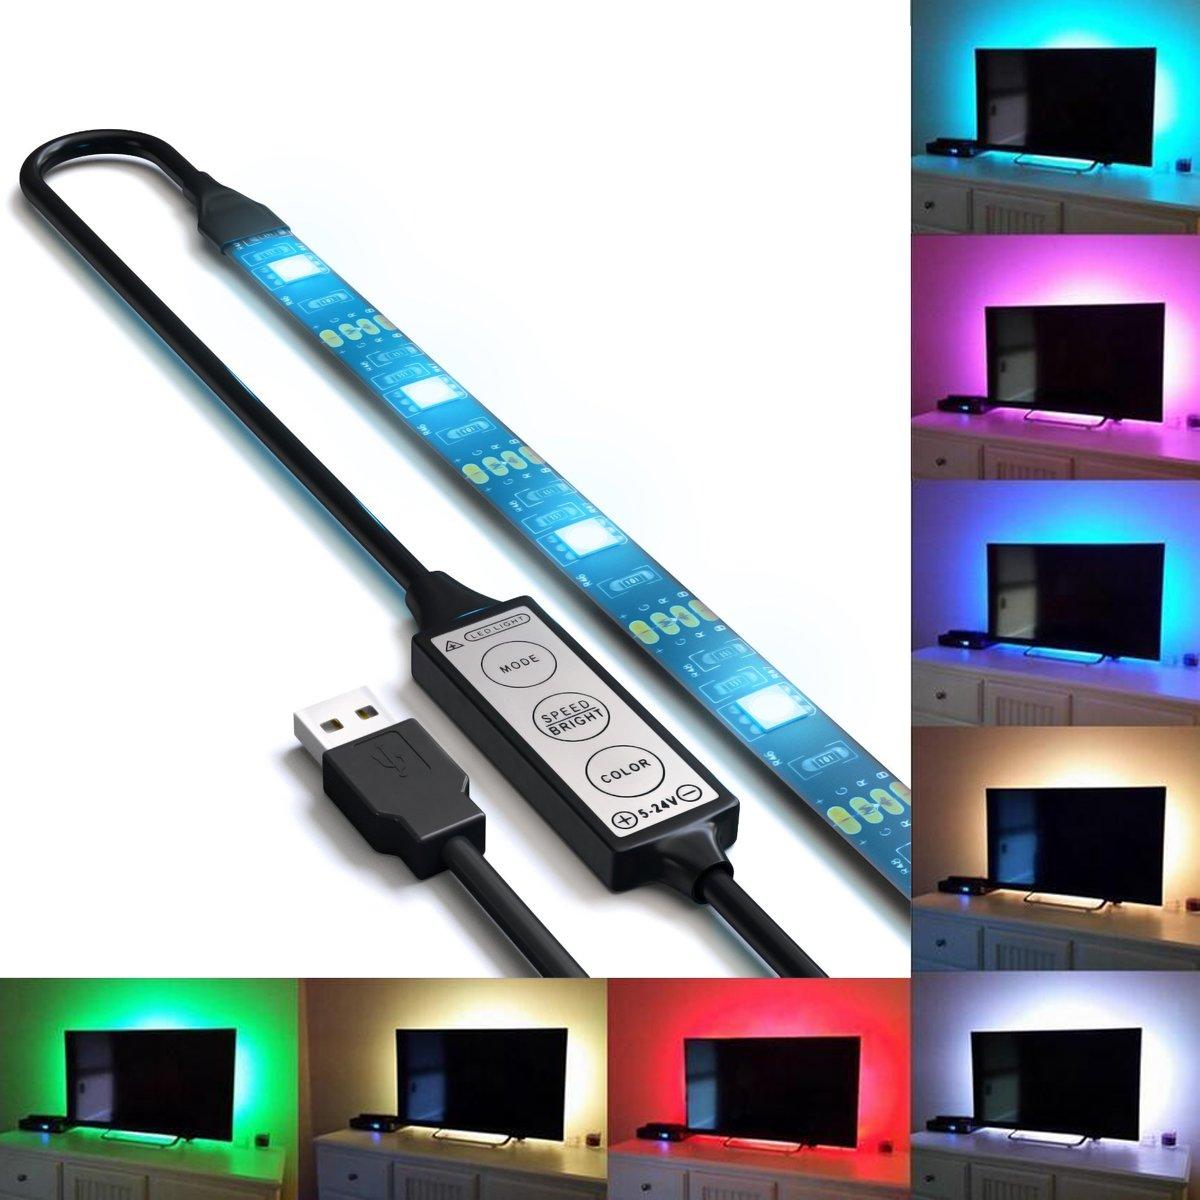 Autai LED Backlight Accent Night Light Bias Lighting for HDTV USB LED Strip Normal Bright White Backlight Kit for Flat Screen TV LCD Desktop PC